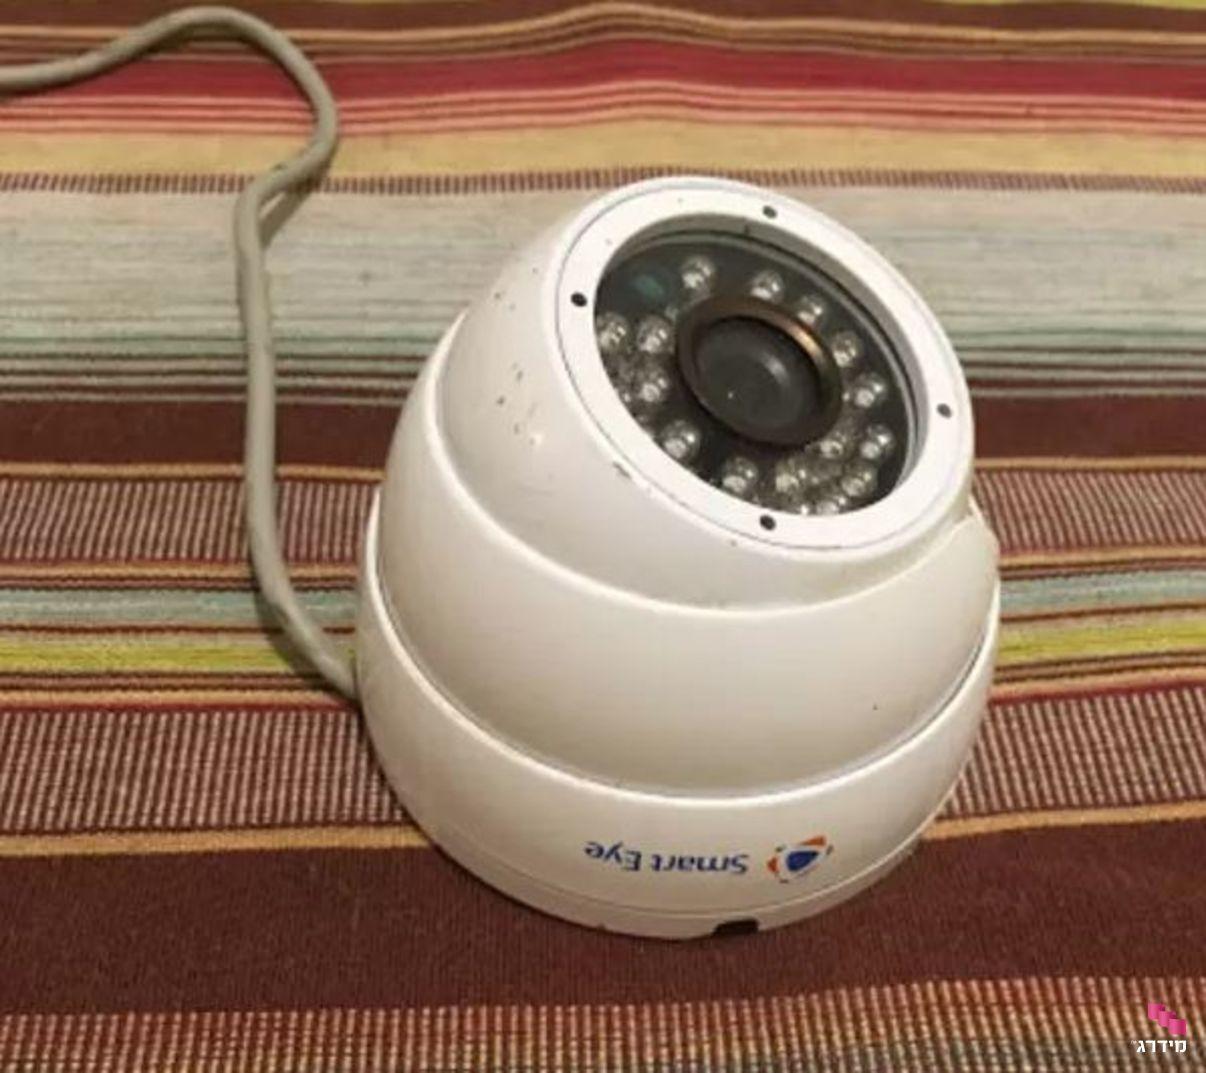 התקנת מצלמות אבטחה - מחיר | מצלמת אבטחה